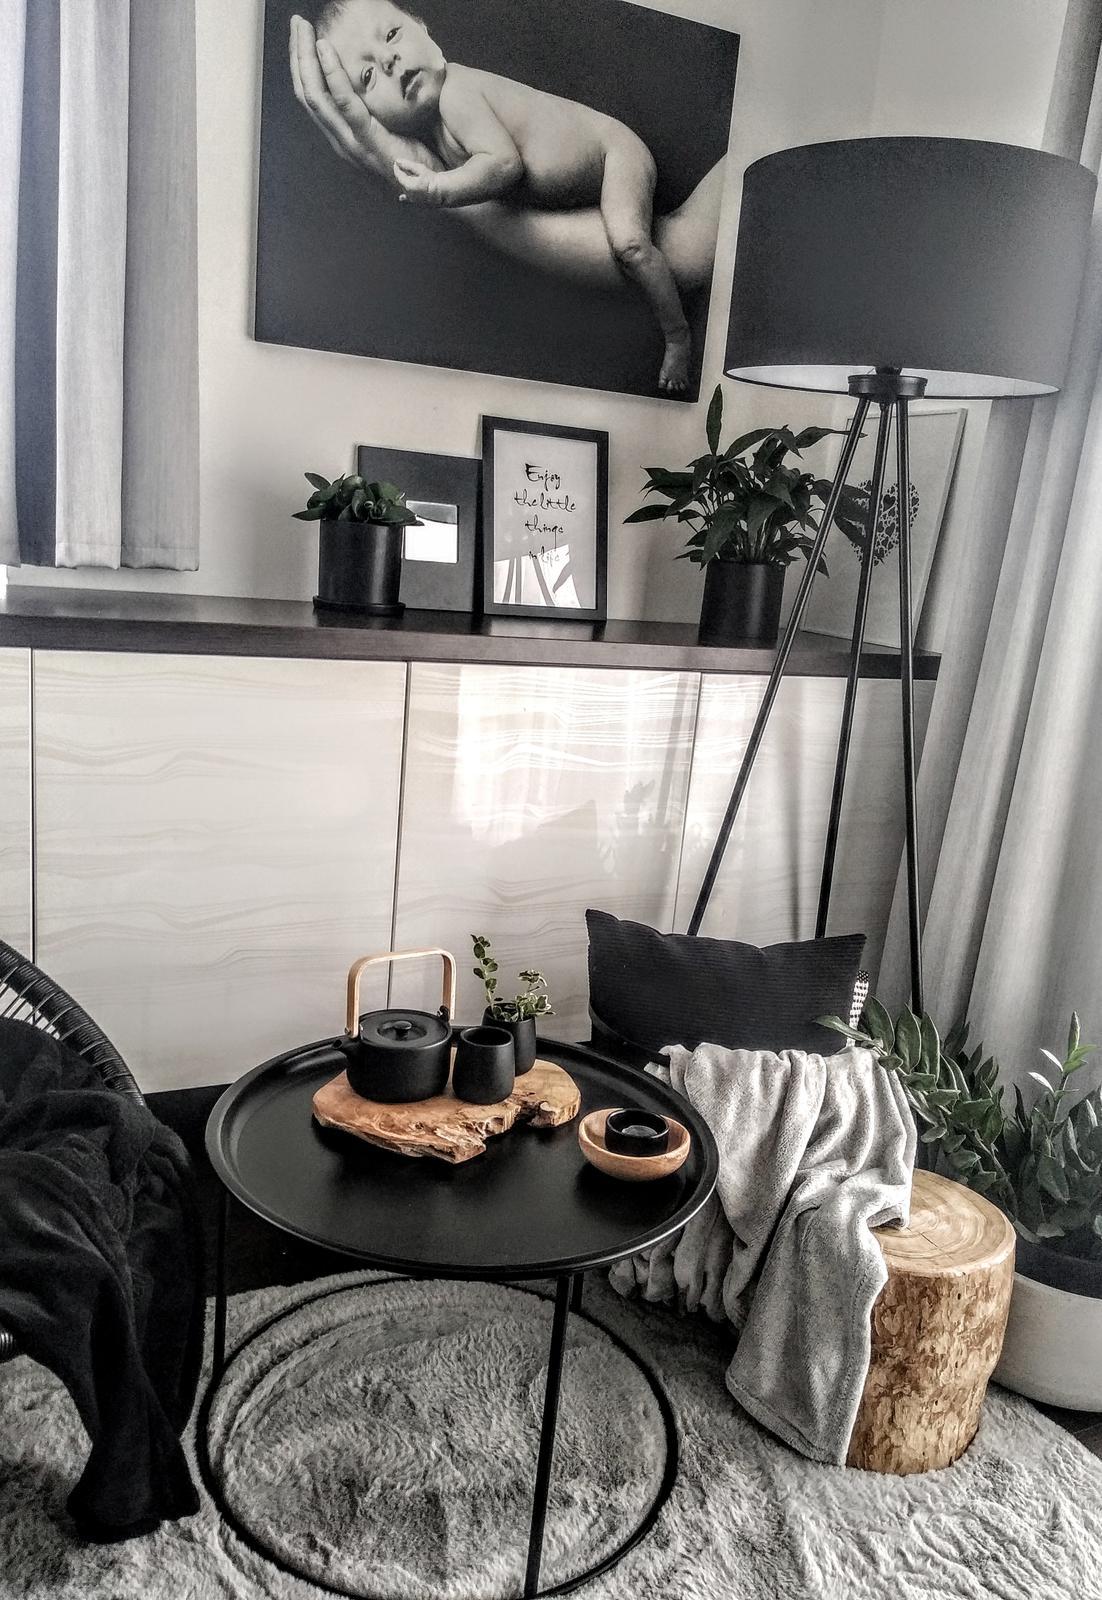 Náš obývací pokoj - Obrázek č. 228